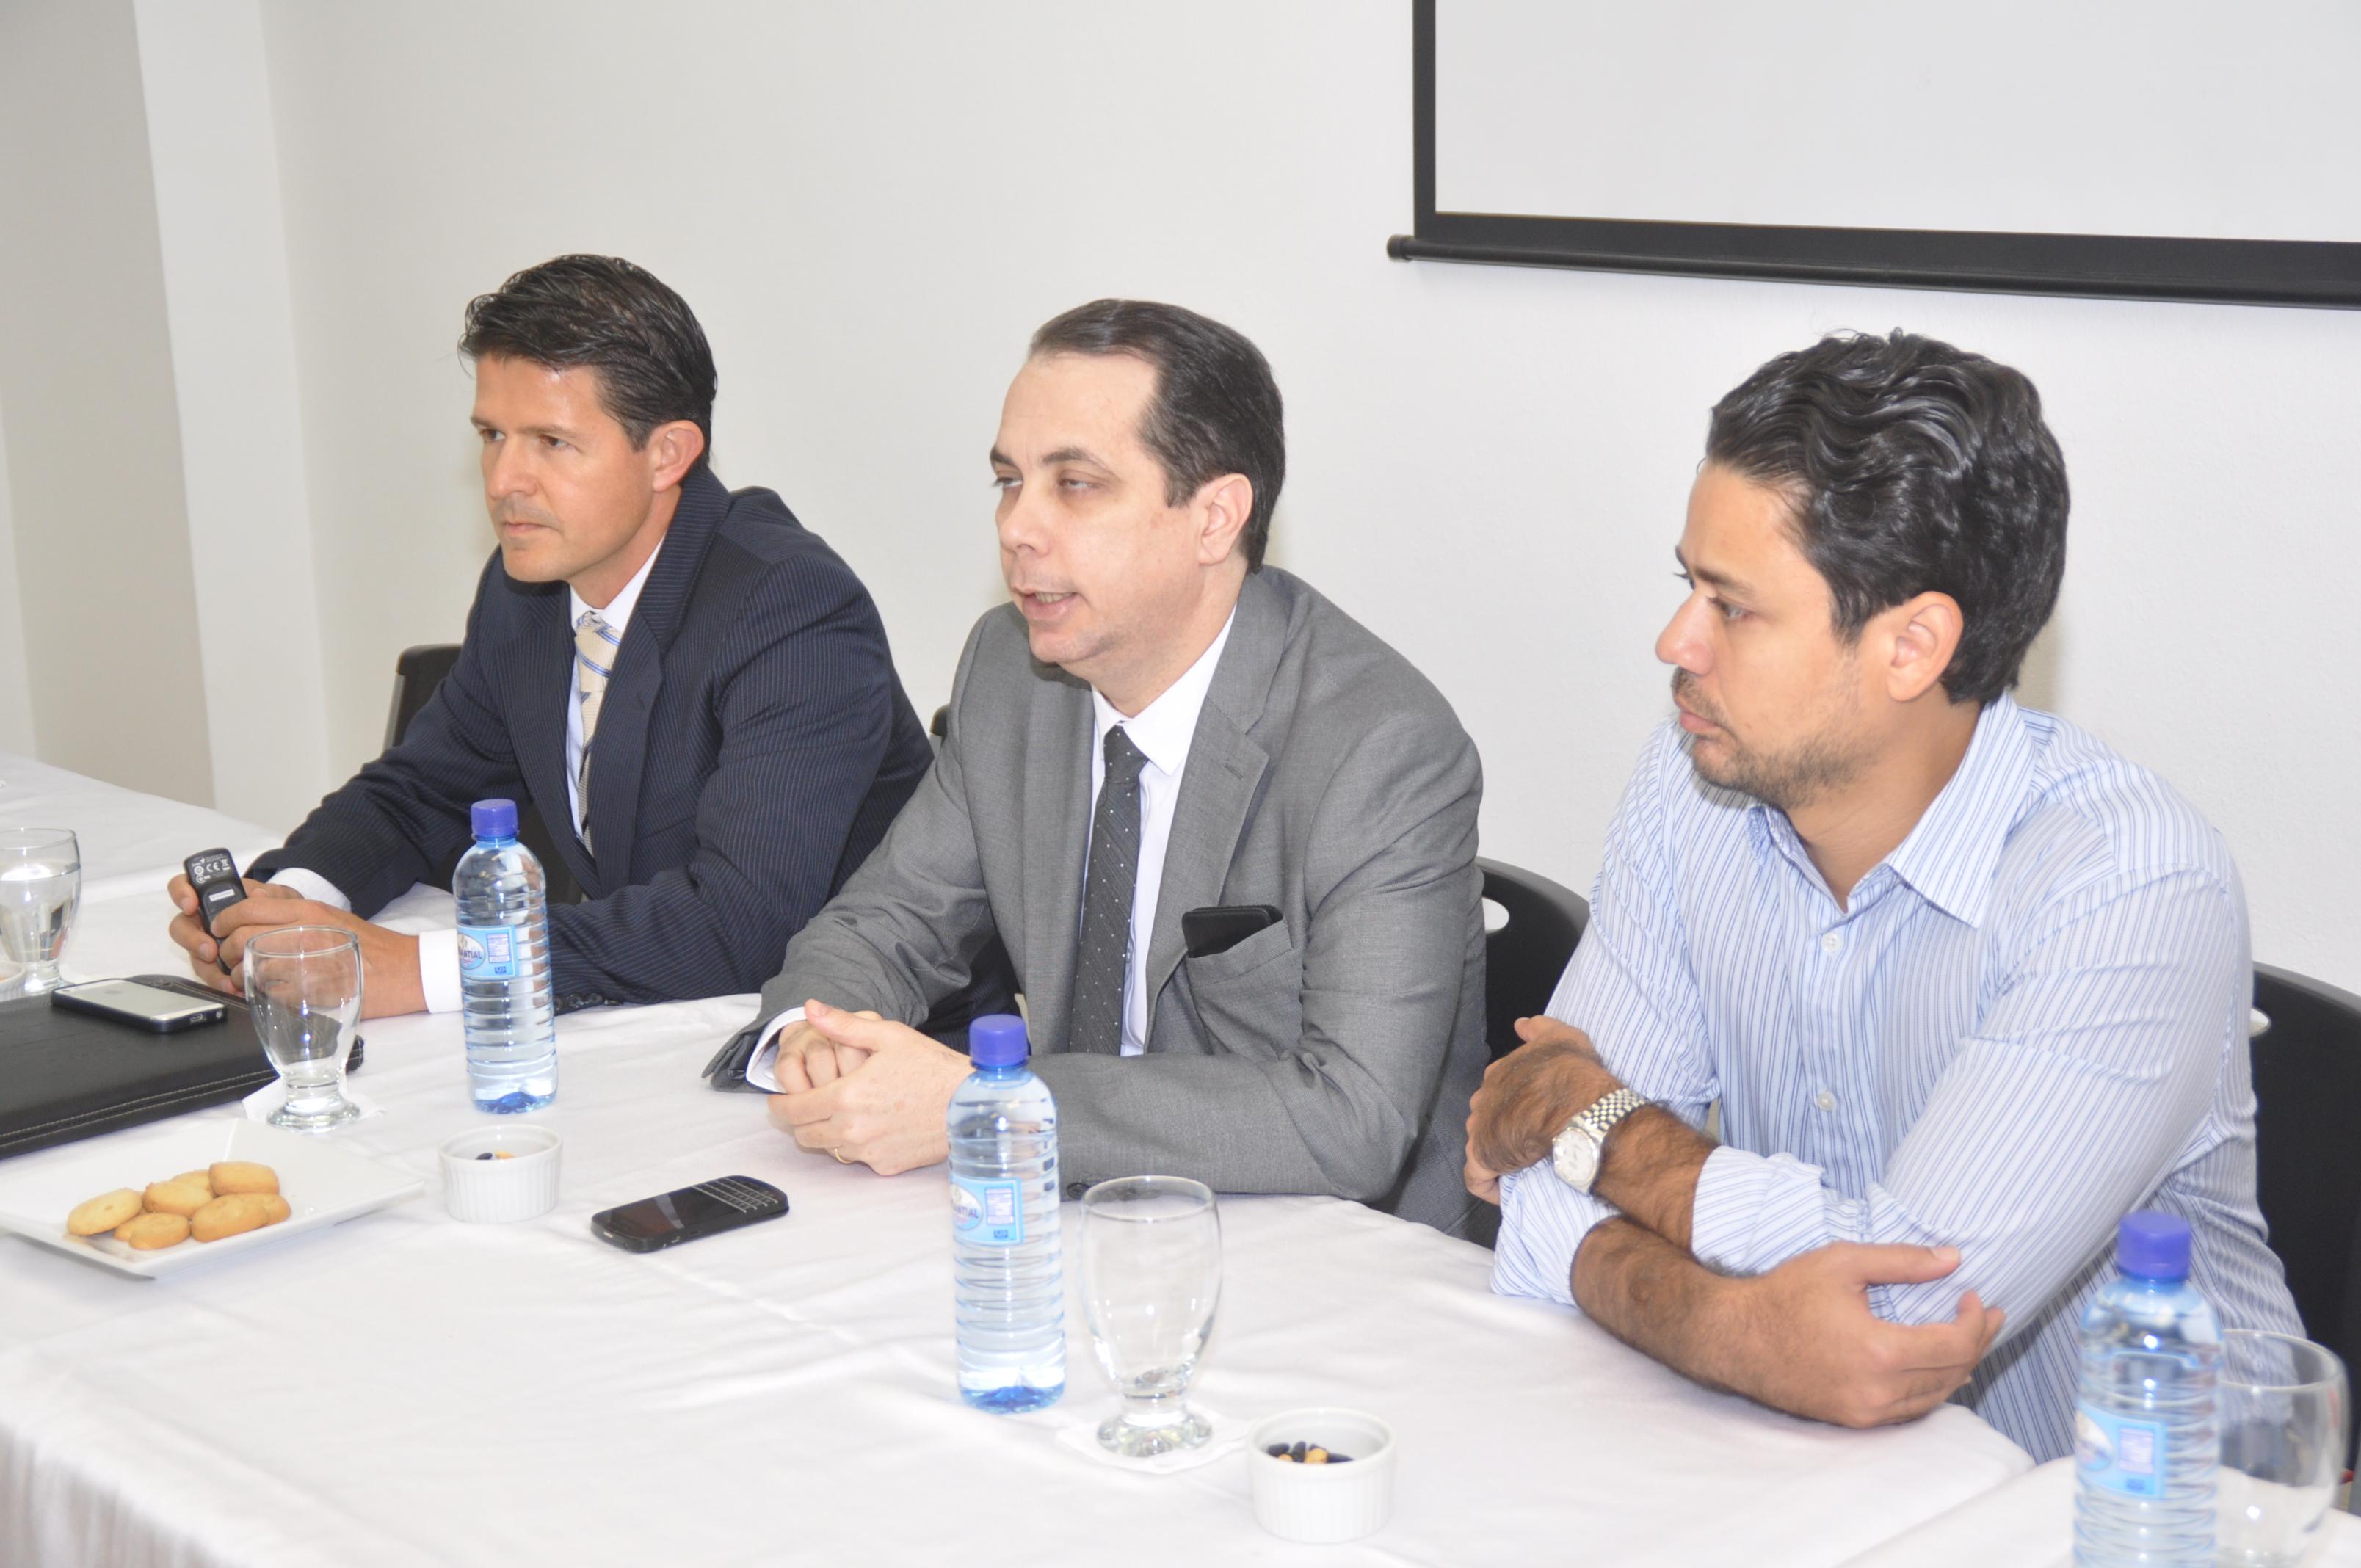 El representante de la Corporación Interamericana de Inversiones del Banco Interamericano de Desarrollo (BID), Juan Reyes Fonseca, expone, luego se observan la dirigencia de la ACIS, presidido por Sandy Filpo su presidente.